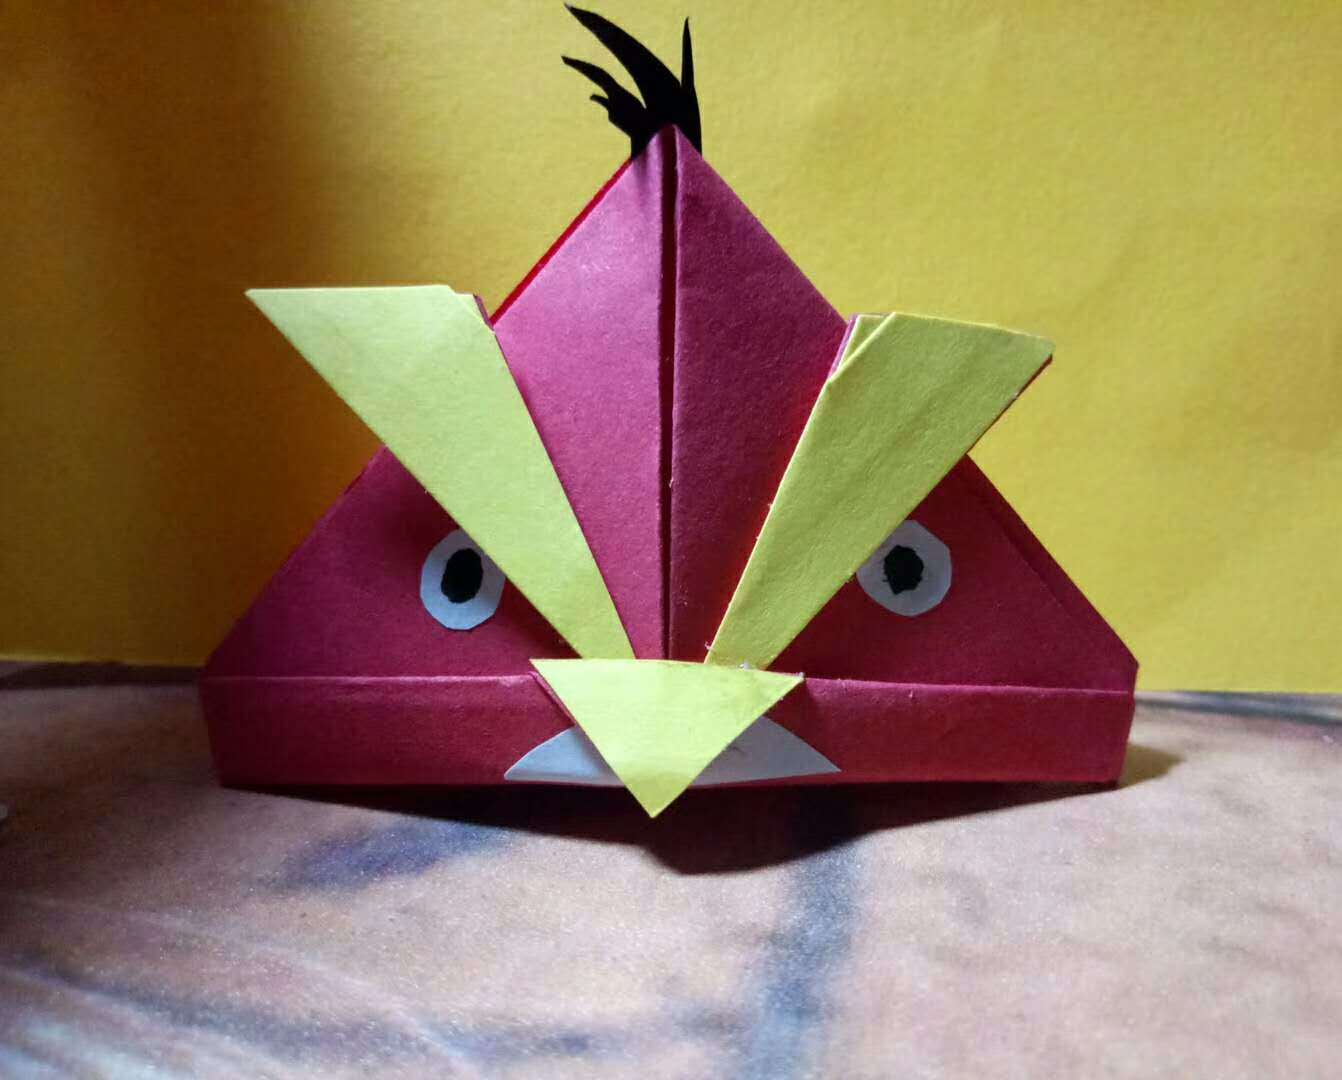 在我一步一步地耐心地讲解、示范和纠正,以及辅导老师的帮忙下,同学们终于把这只可爱的生动的愤怒的小鸟折出来了。再经过最后的加工,上色,小鸟变得栩栩如生,同学们的脸上也露出了灿烂的笑容。看到他们对折纸如此的感兴趣,我很高兴。